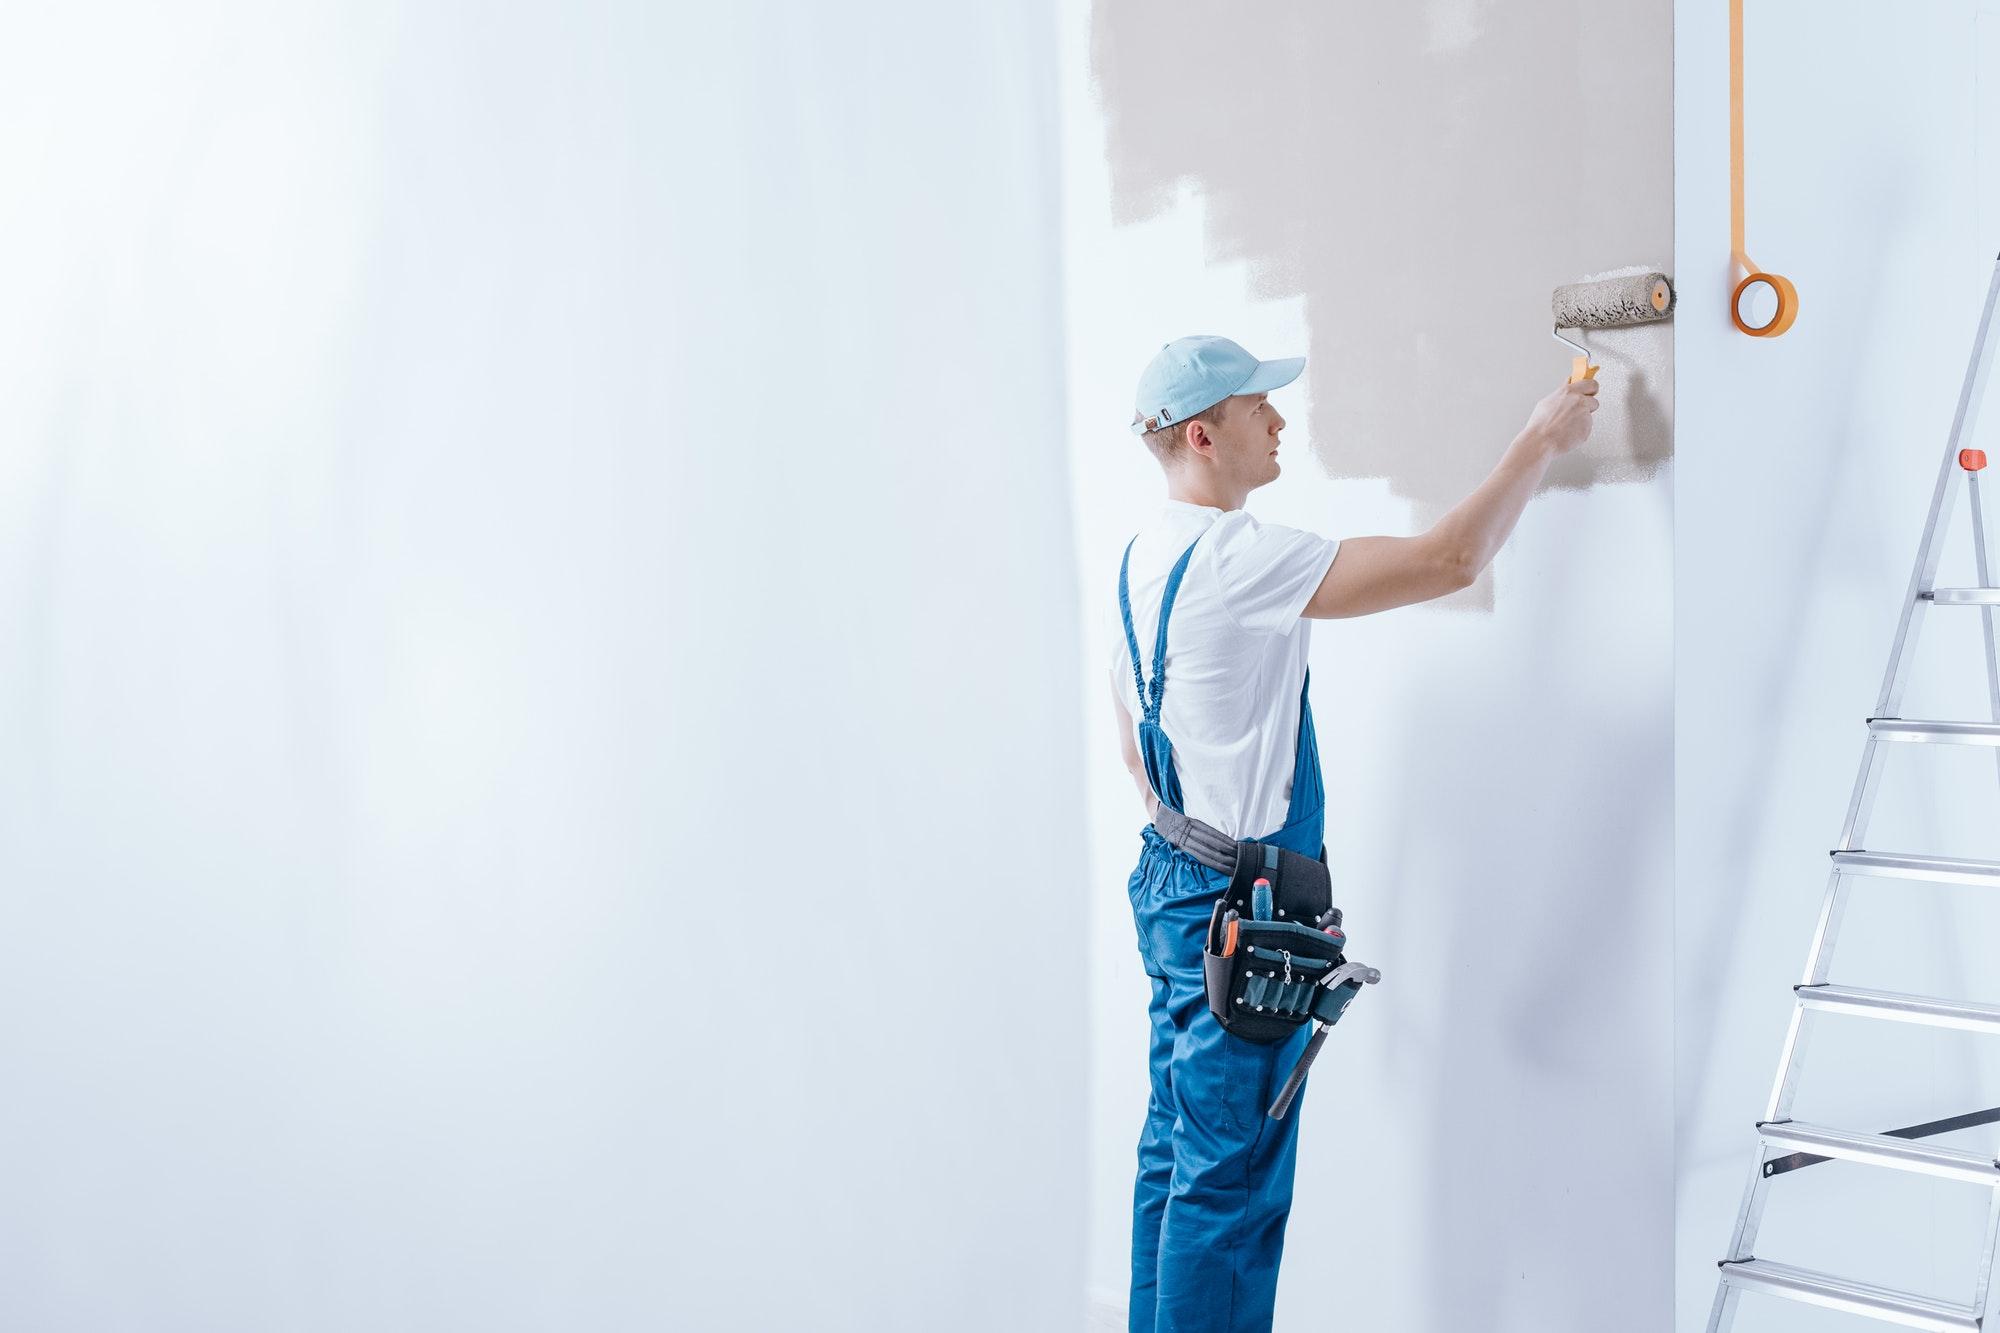 Bygningsmaler, Norh Maler Valby hjælper kunde med maling.